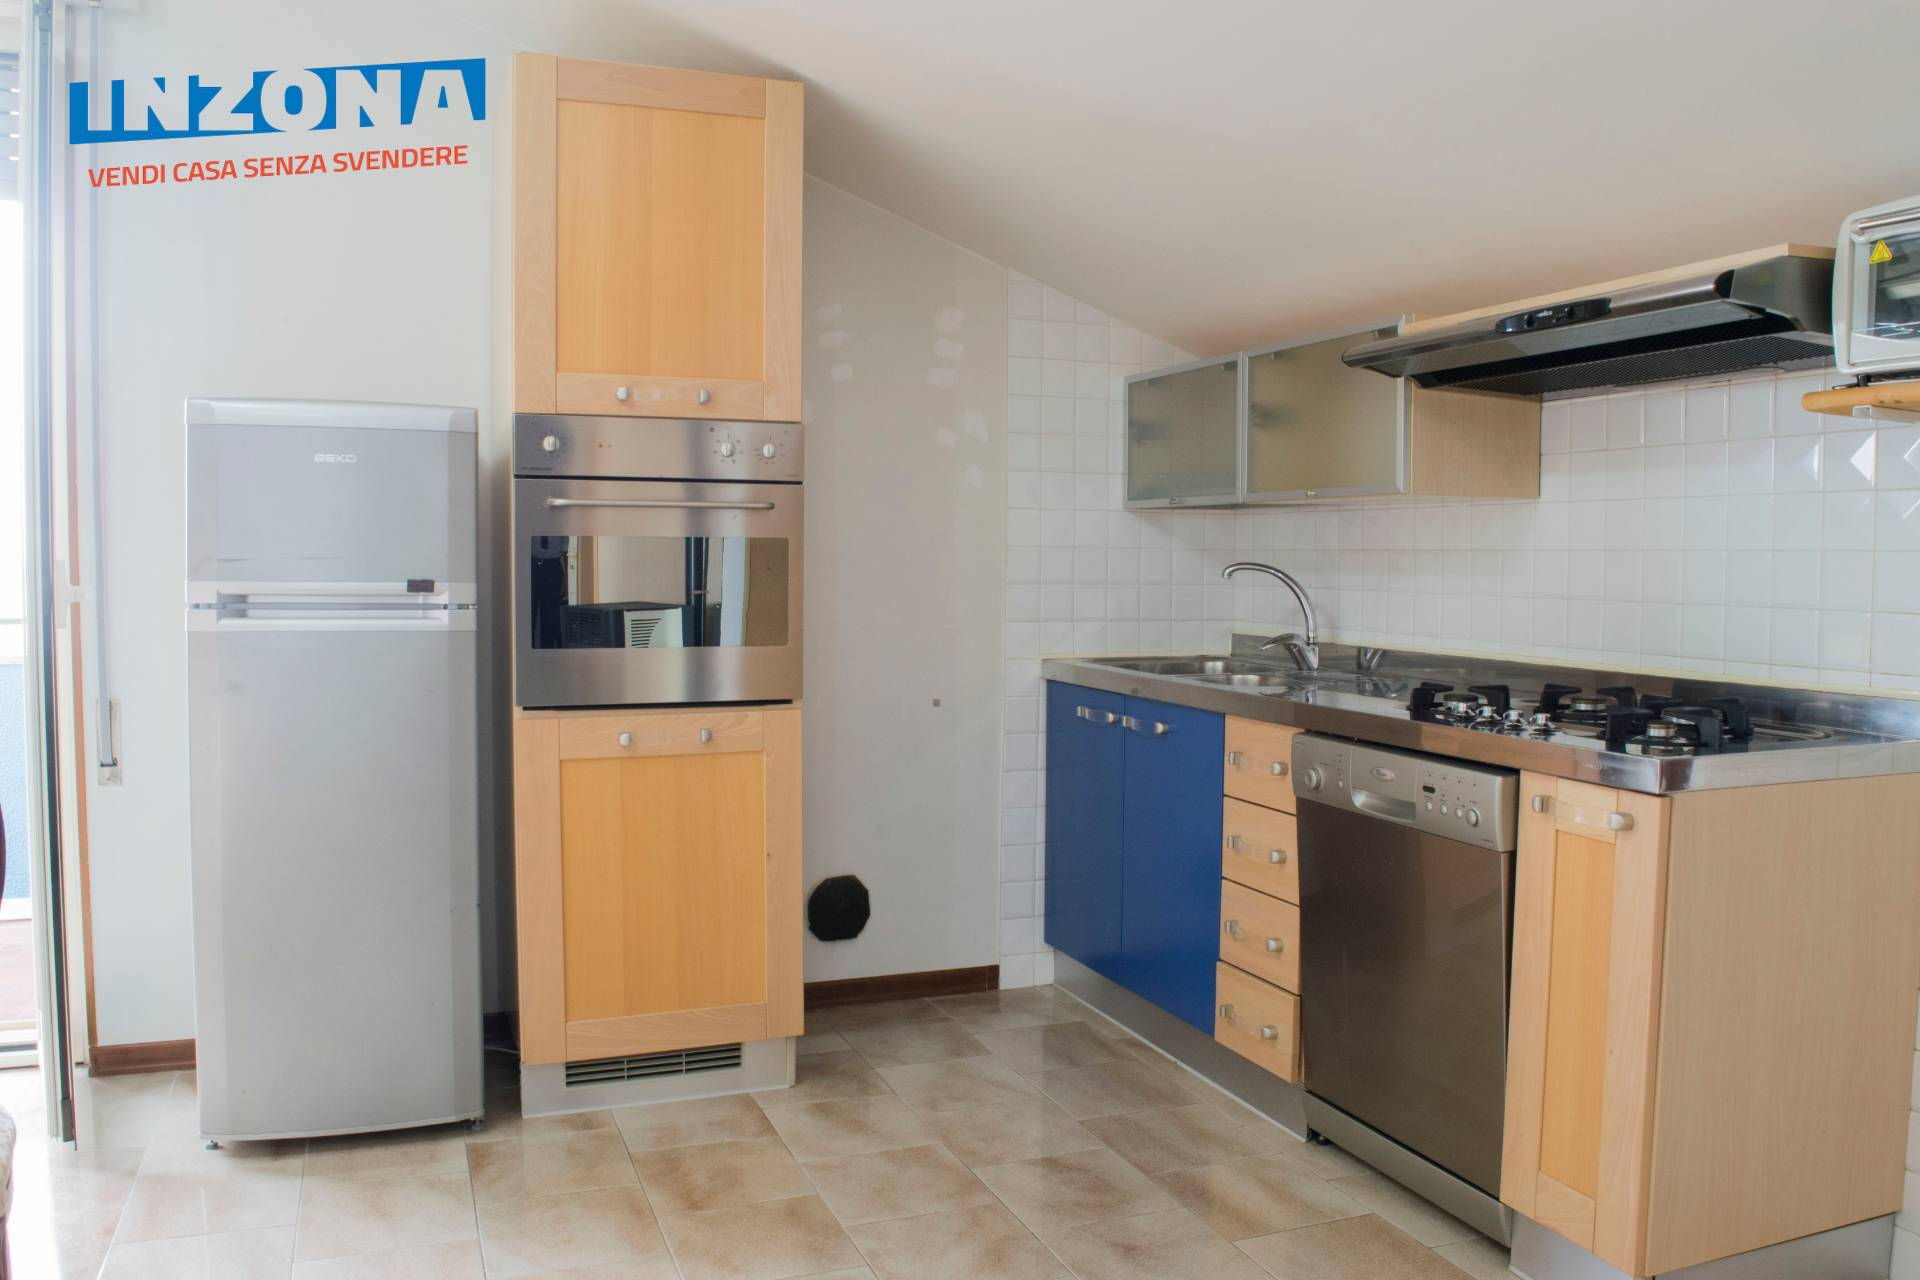 Appartamento in vendita a Penne, 3 locali, prezzo € 74.000 | CambioCasa.it